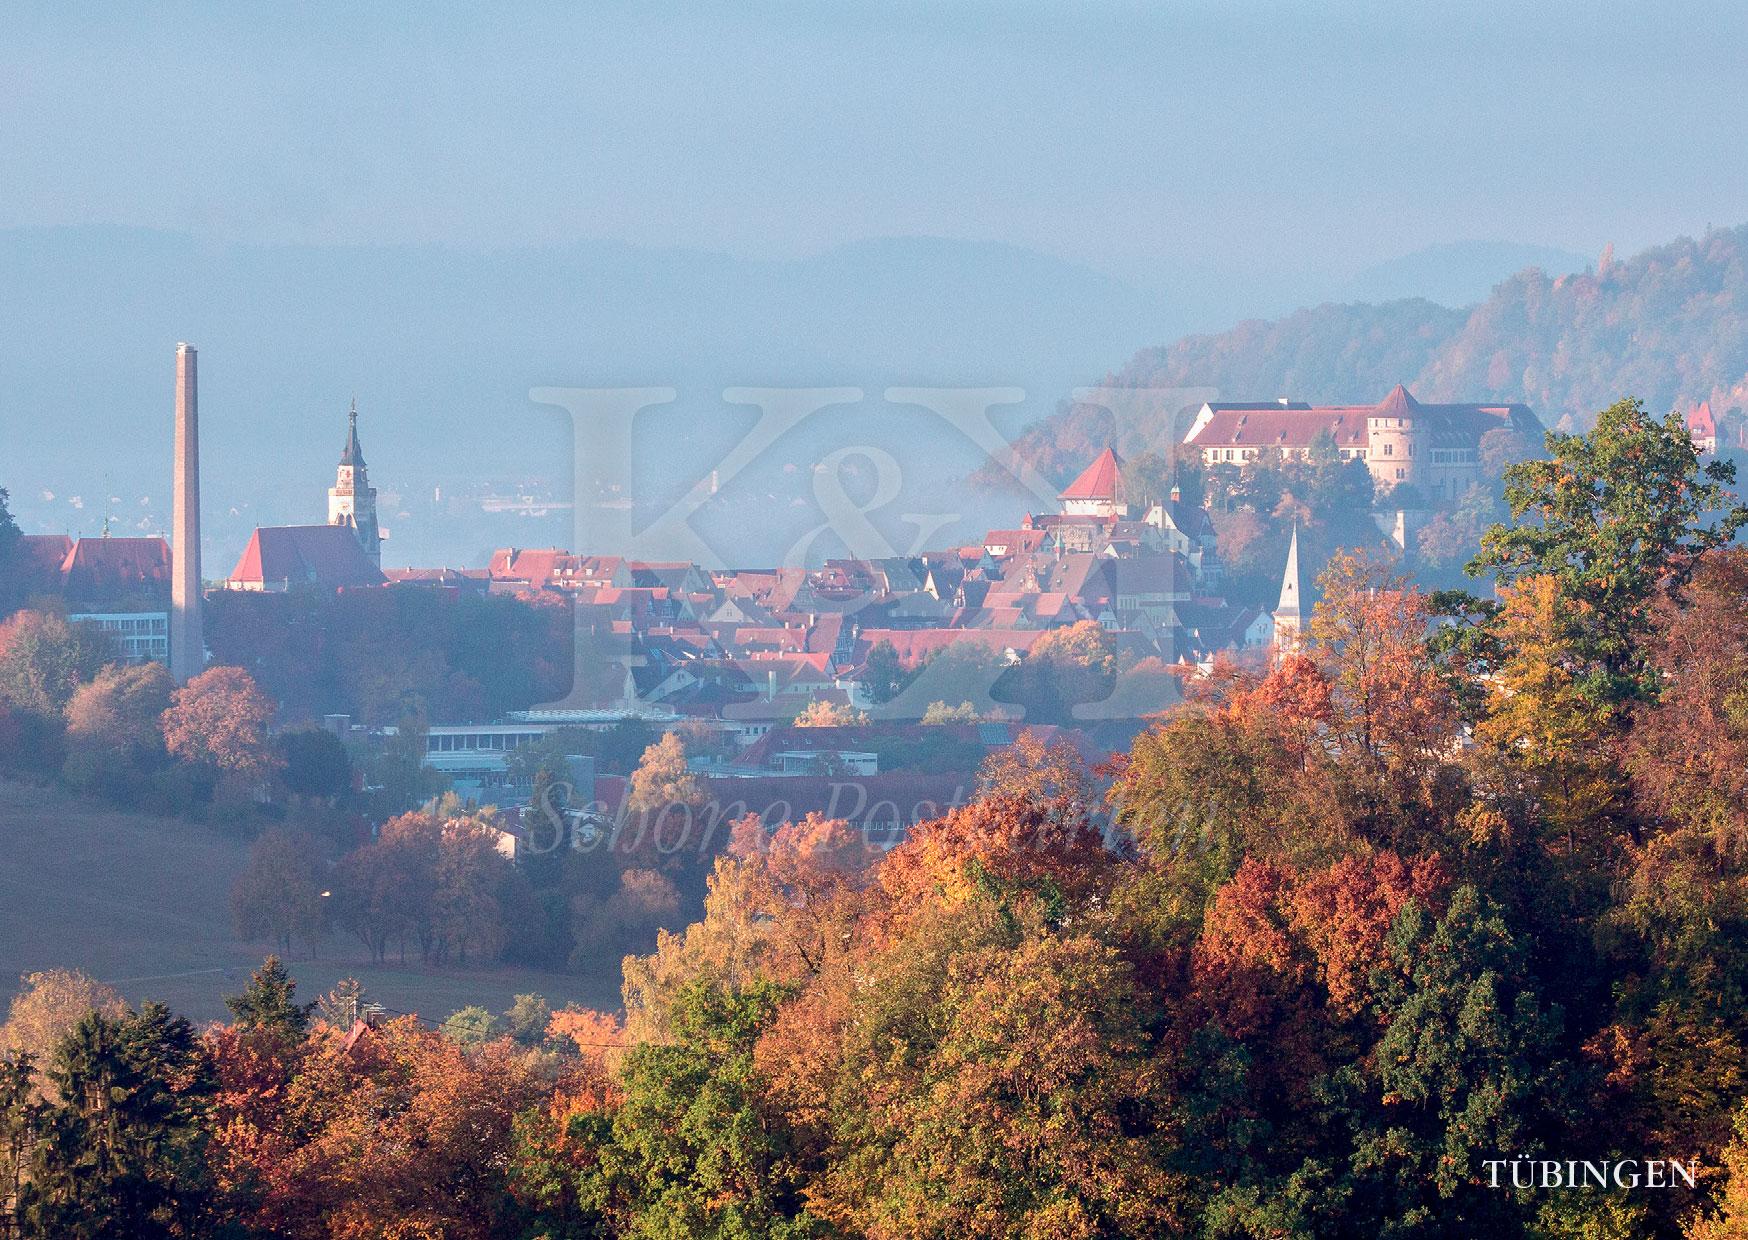 >>> NEU: Schöne Postkarte Nr. 98 · Altstadt von Tübingen im Herbst